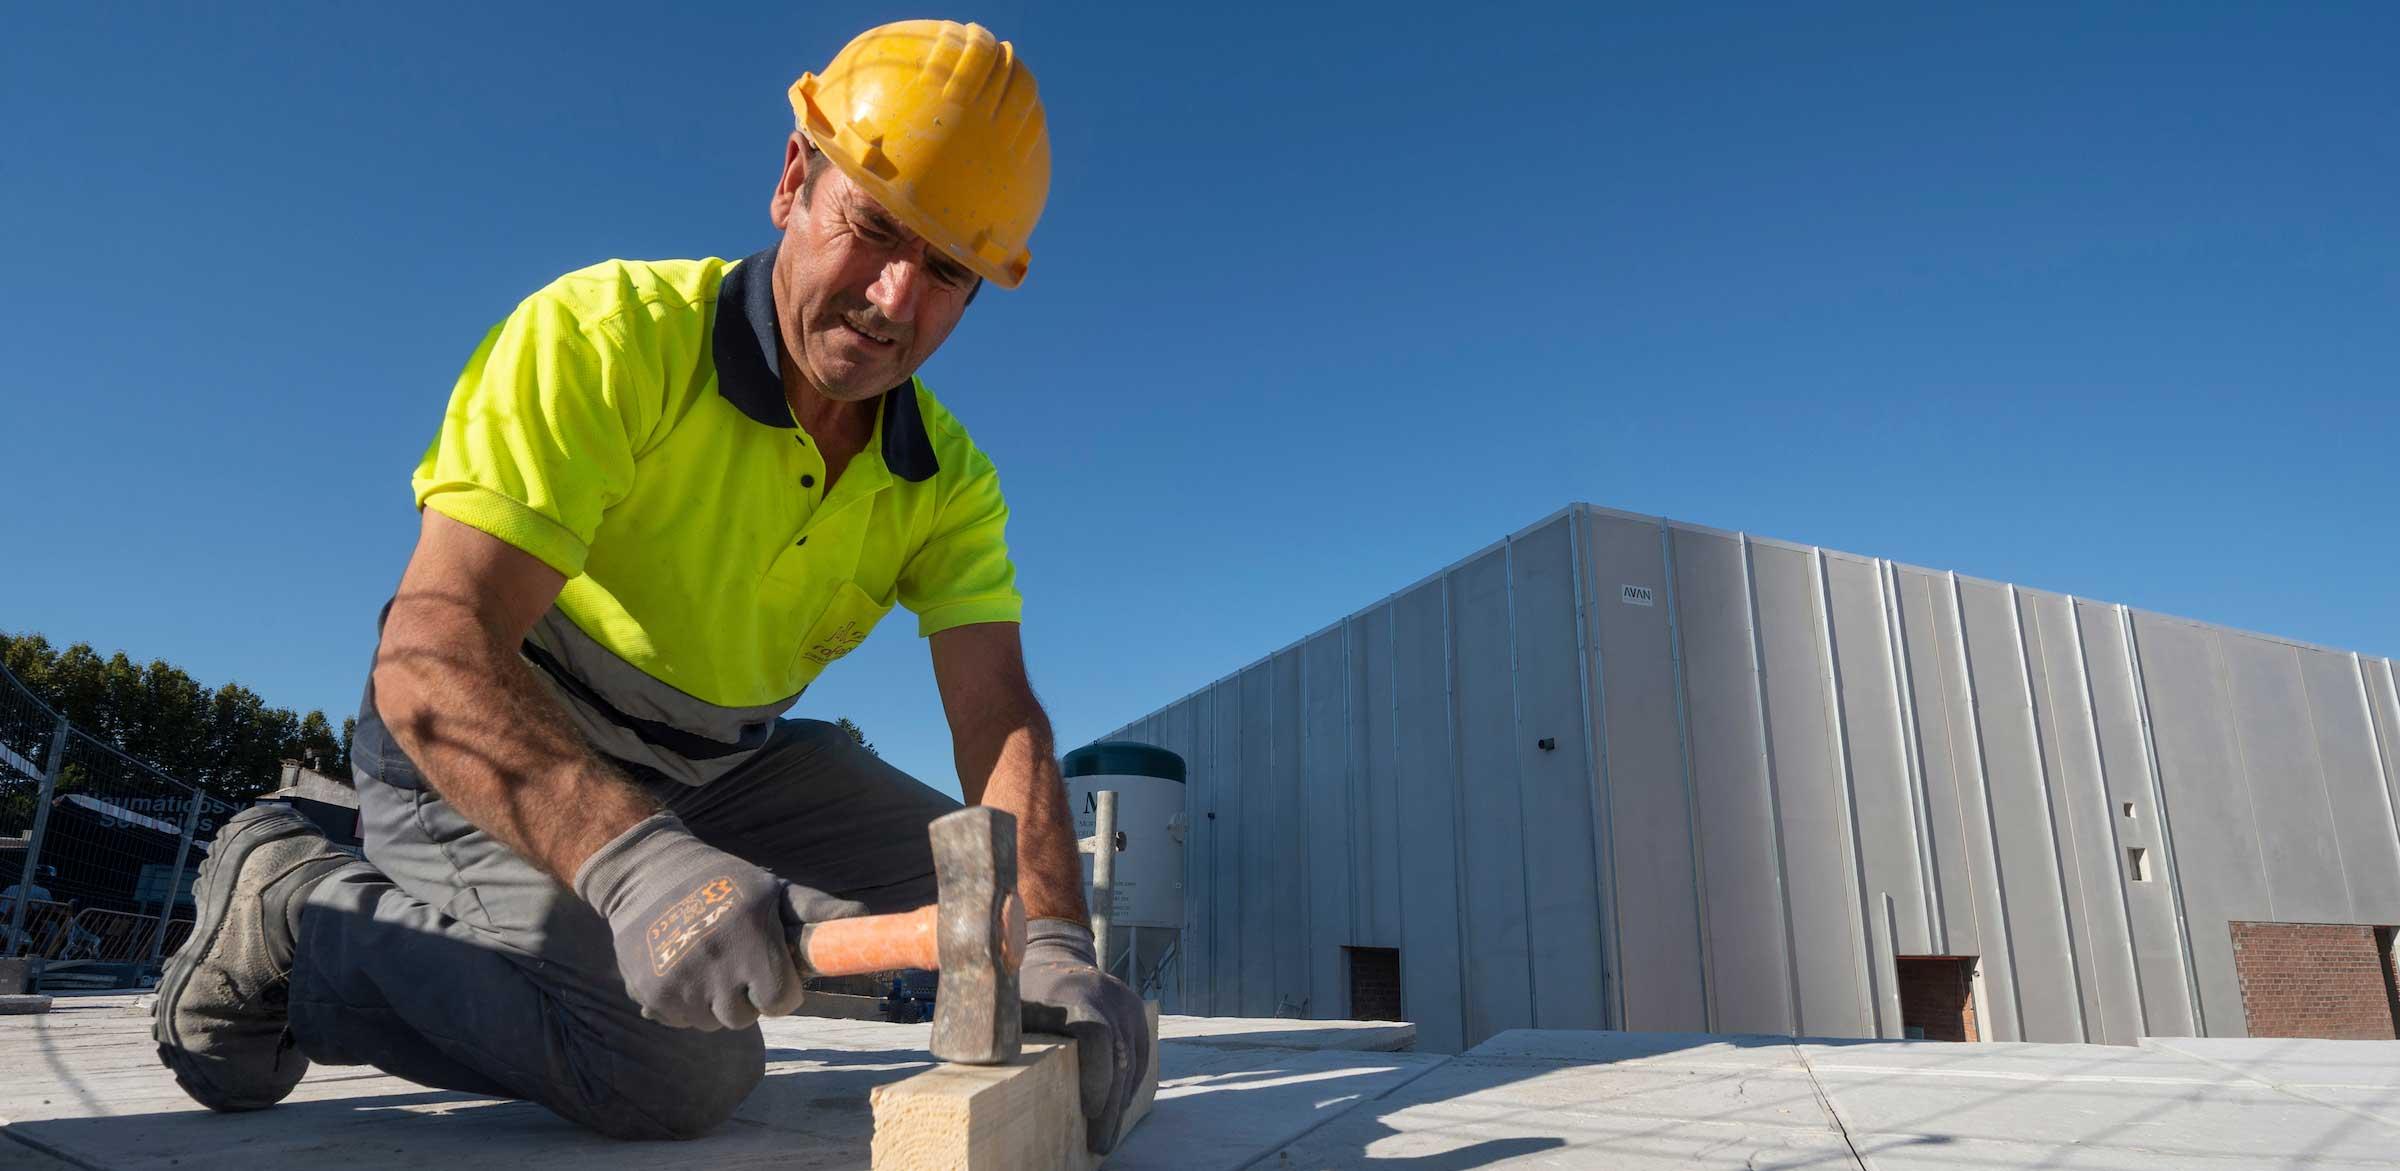 Según los datos oficiales analizados por Ibermutua entre julio de 2018 y junio de 2019, la accidentalidad con baja de los profesionales de Civis Global (0,97 por cada 100 trabajadores) es ocho veces inferior que la media del sector de la construcción en 2018.